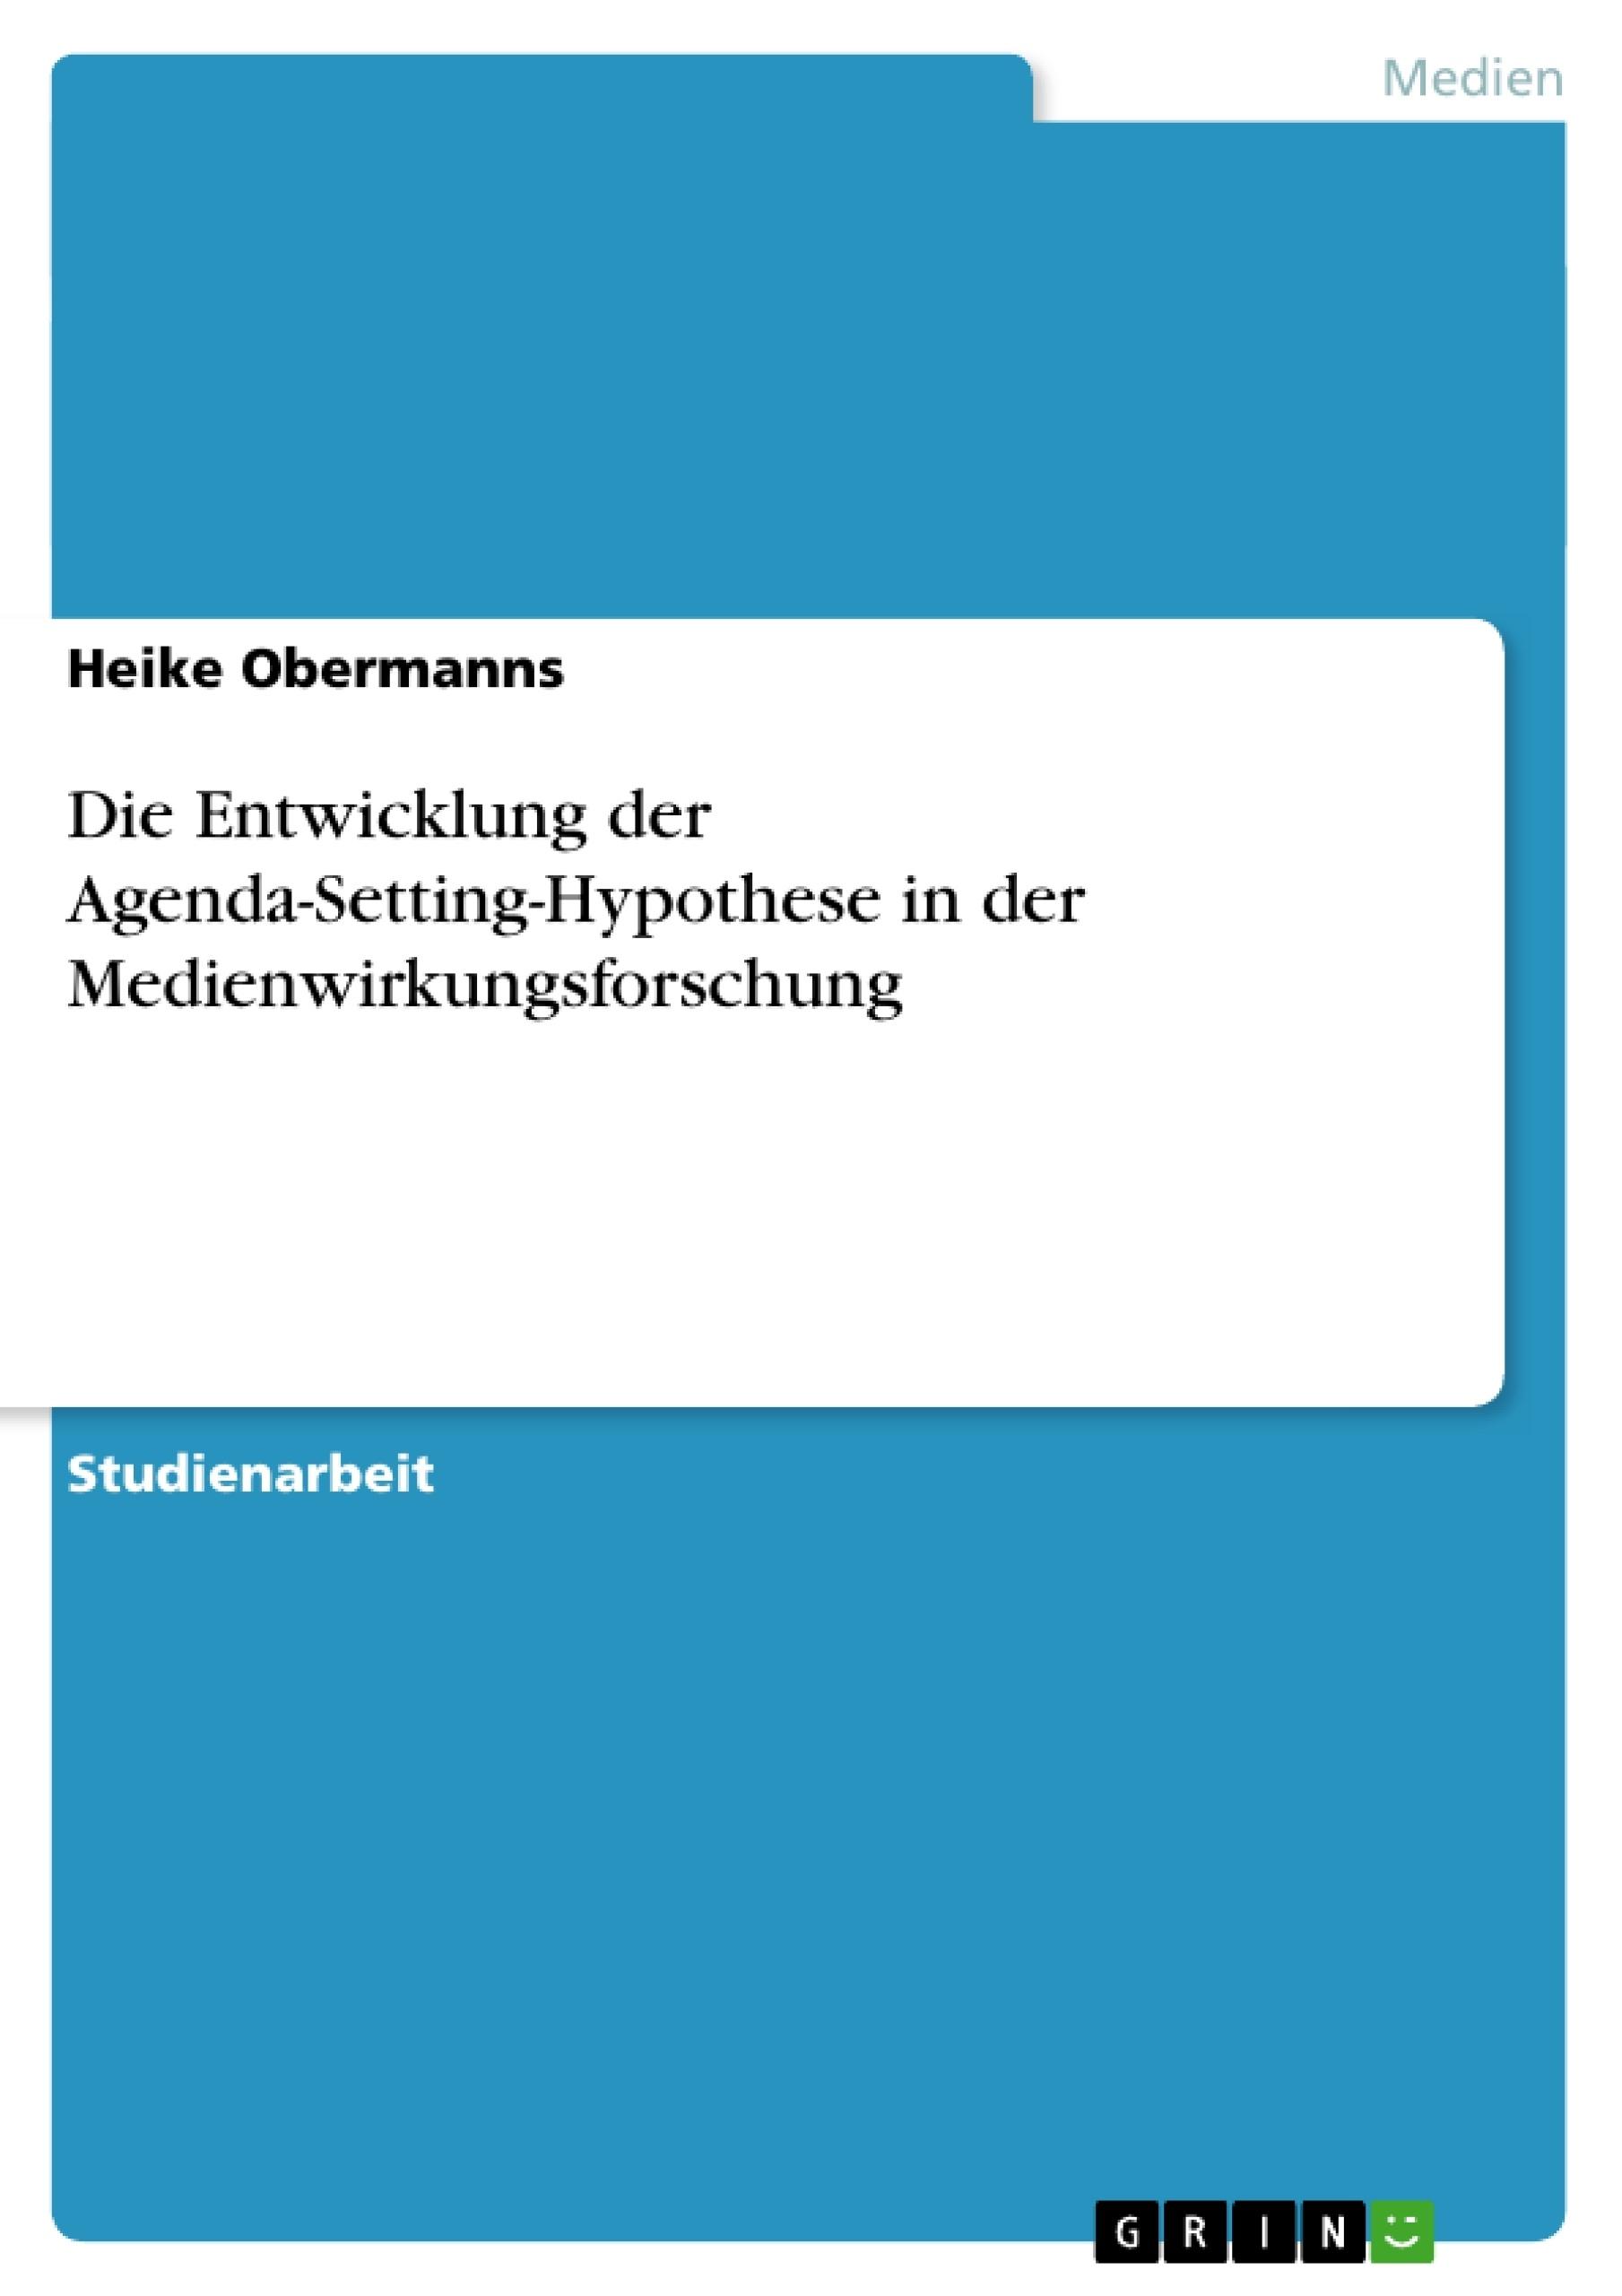 Titel: Die Entwicklung der Agenda-Setting-Hypothese in der Medienwirkungsforschung